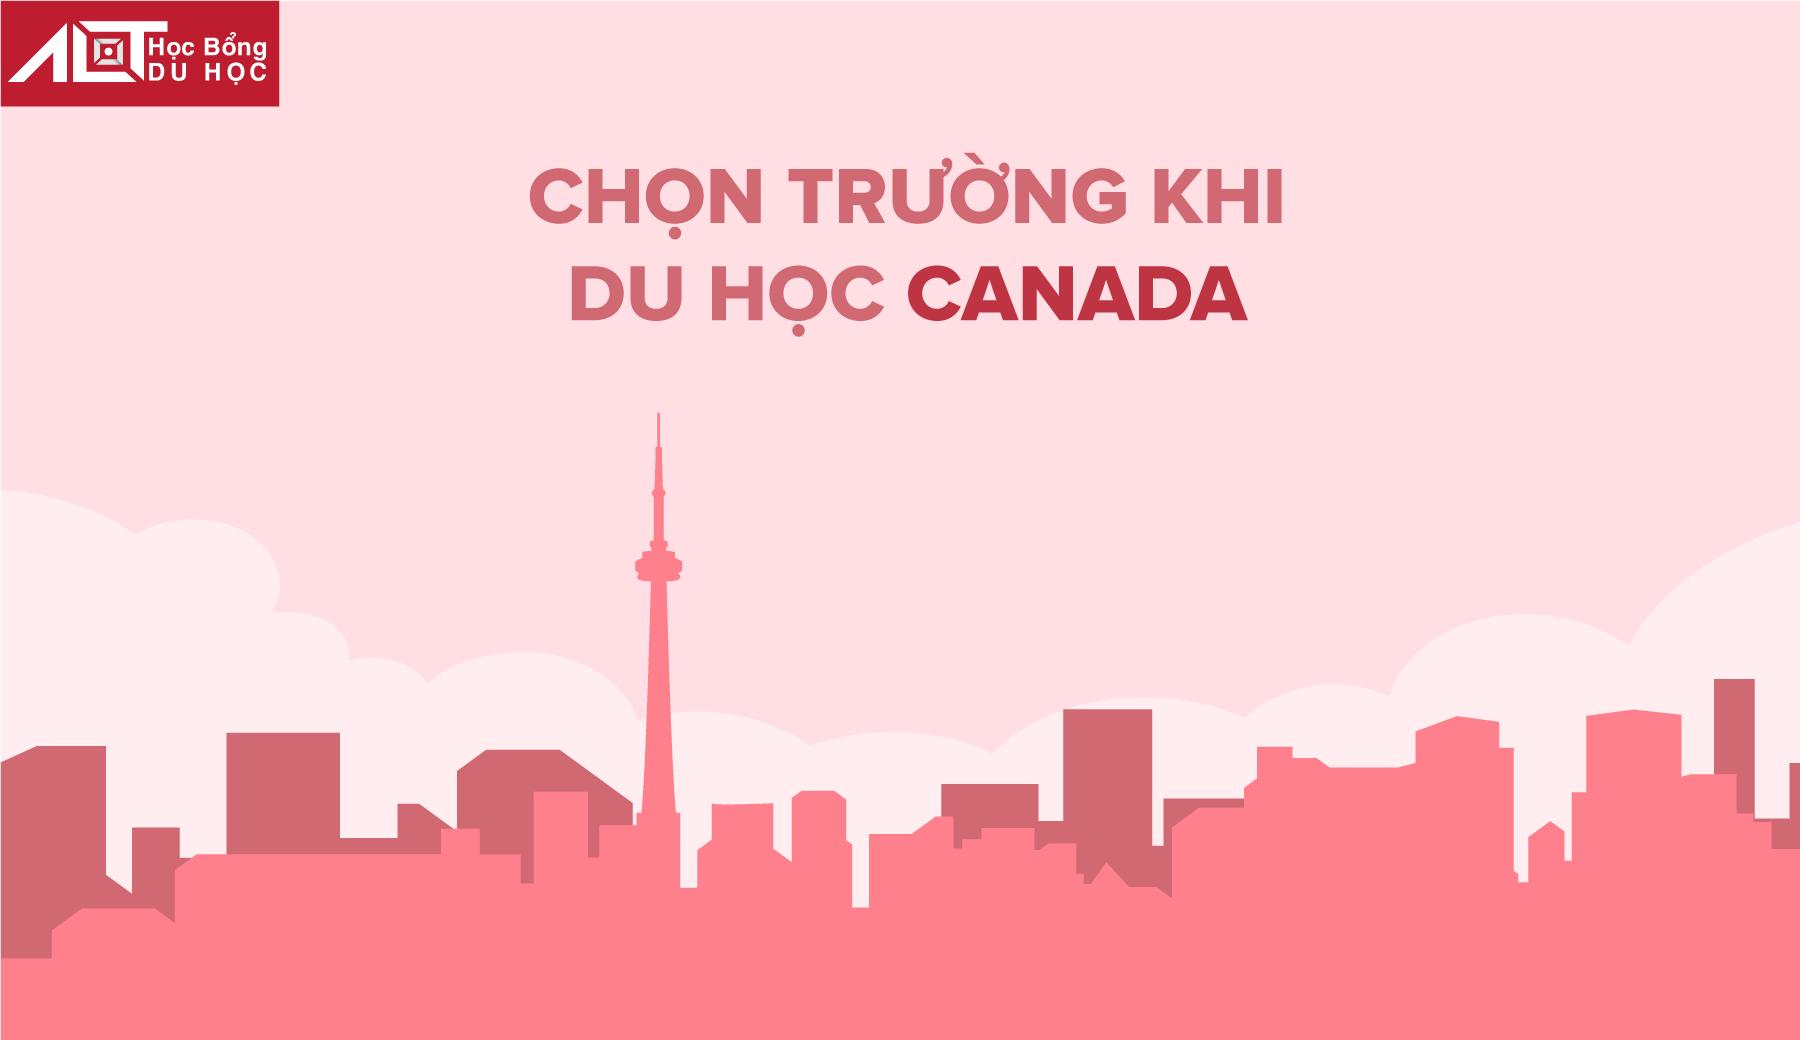 Du học Canada và cách chọn trường phù hợp